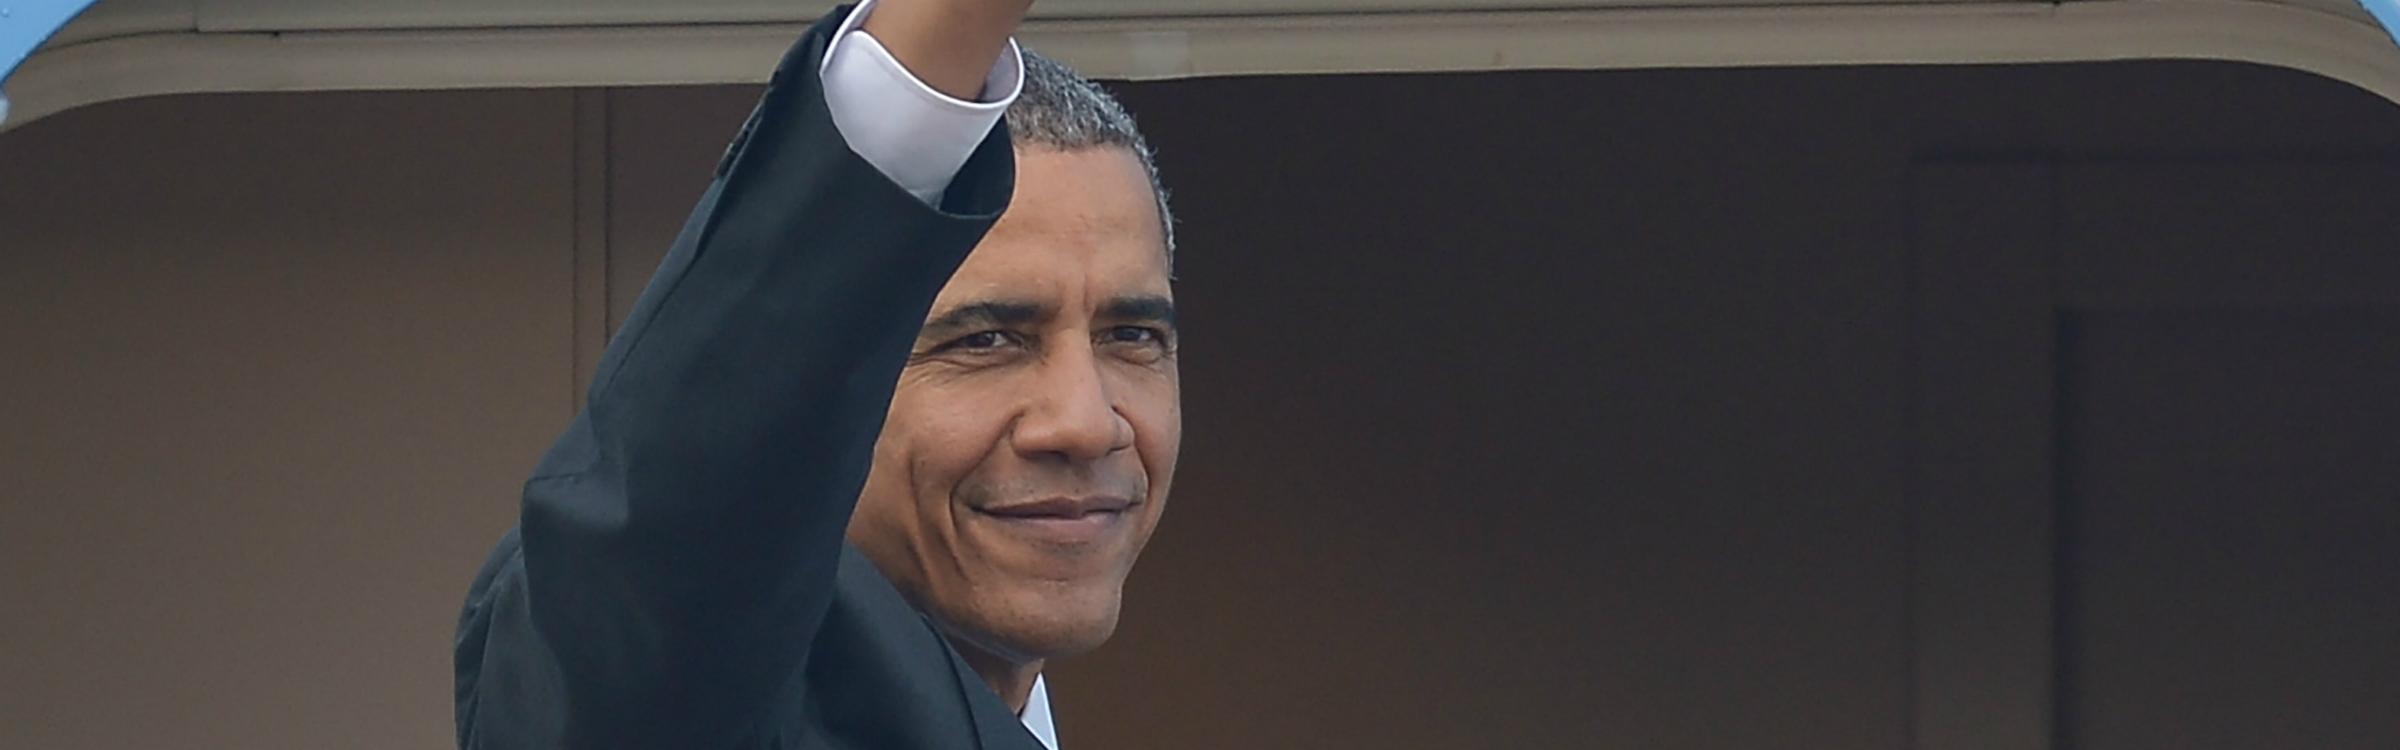 Obama anp